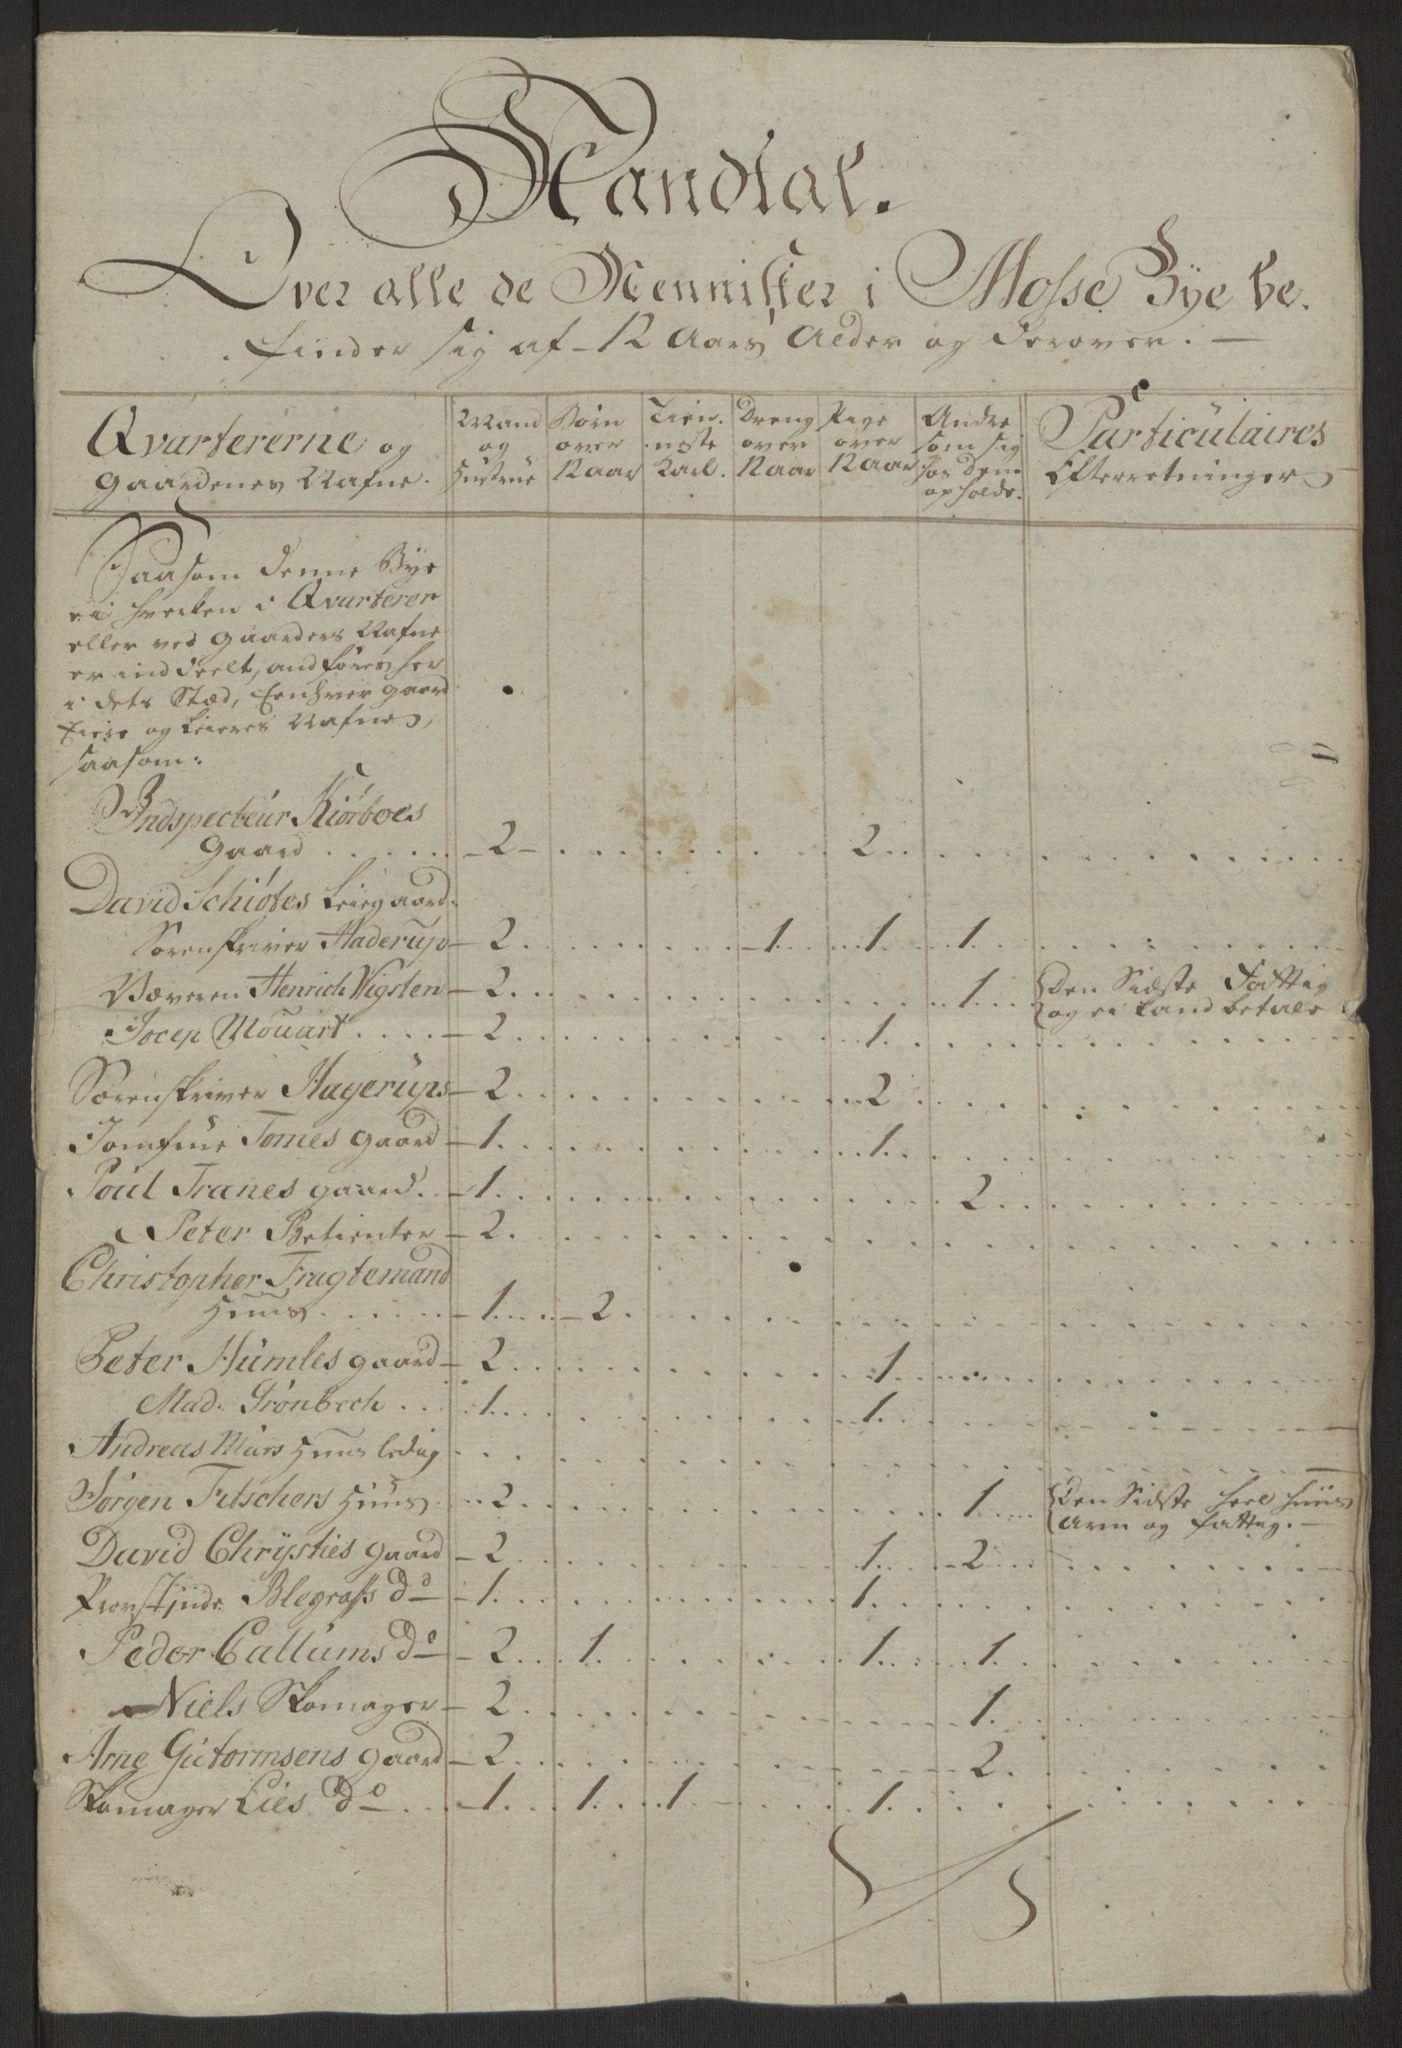 RA, Rentekammeret inntil 1814, Reviderte regnskaper, Byregnskaper, R/Rc/L0042: [C1] Kontribusjonsregnskap, 1762-1765, s. 10